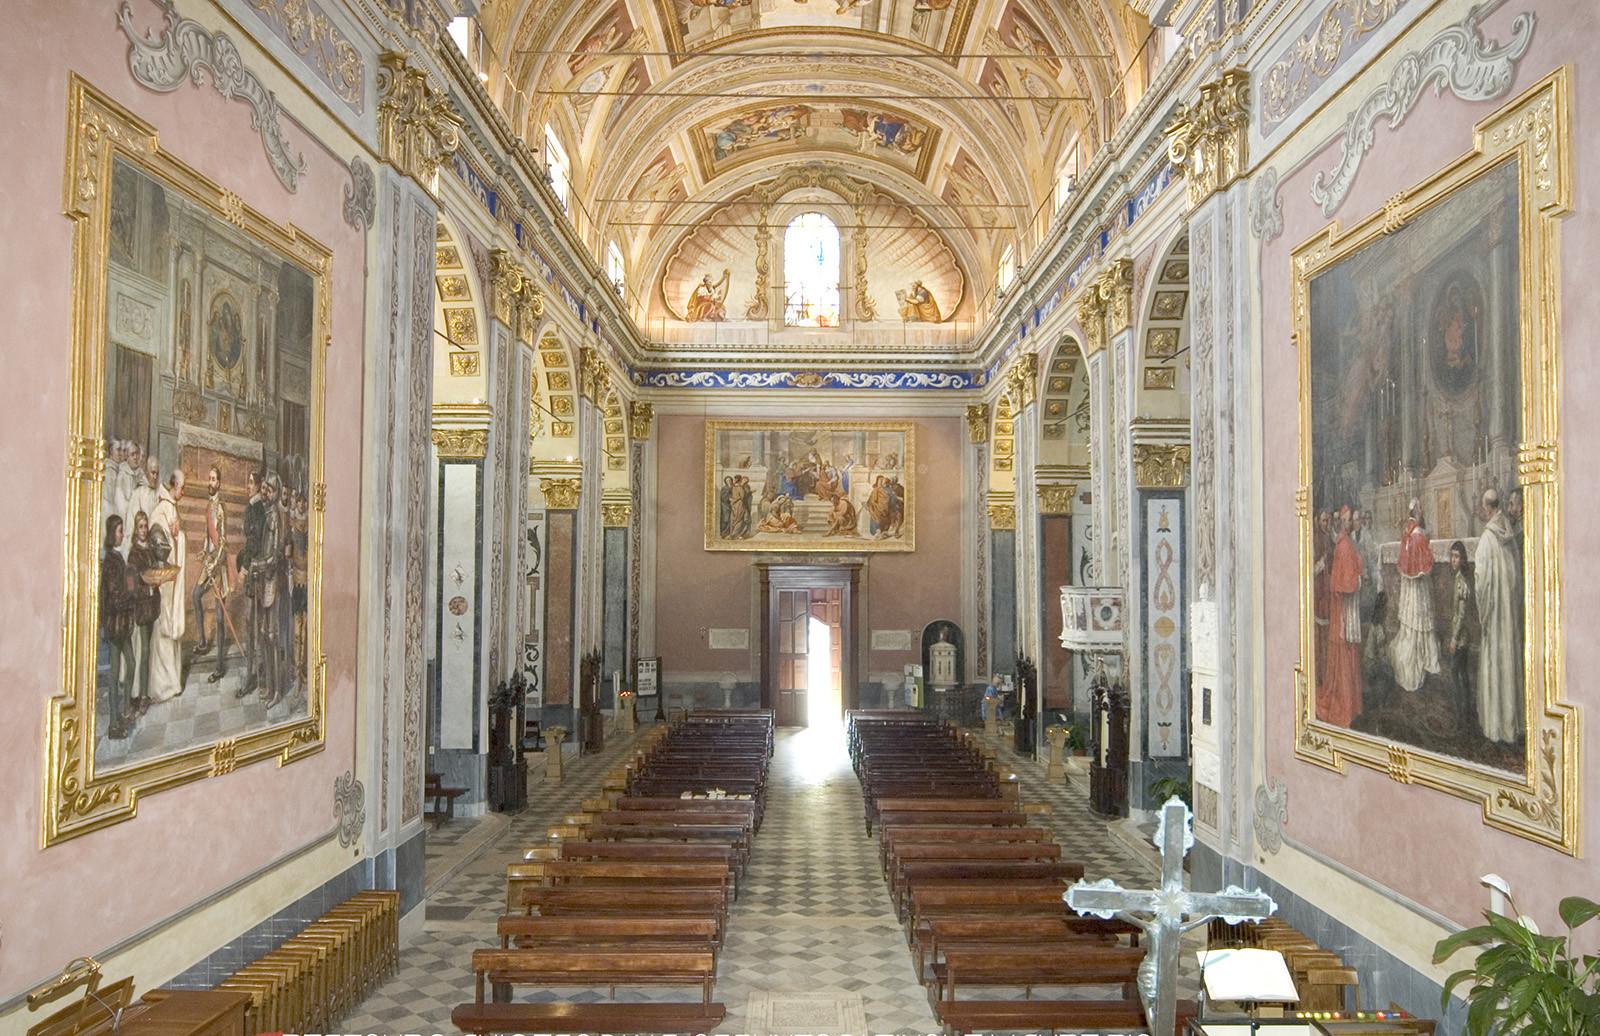 L'Abbazia Nostra Signora Assunta dopo l'opera di restauro di Formento Restauri, ditta edile di Finale Ligure, Savona.